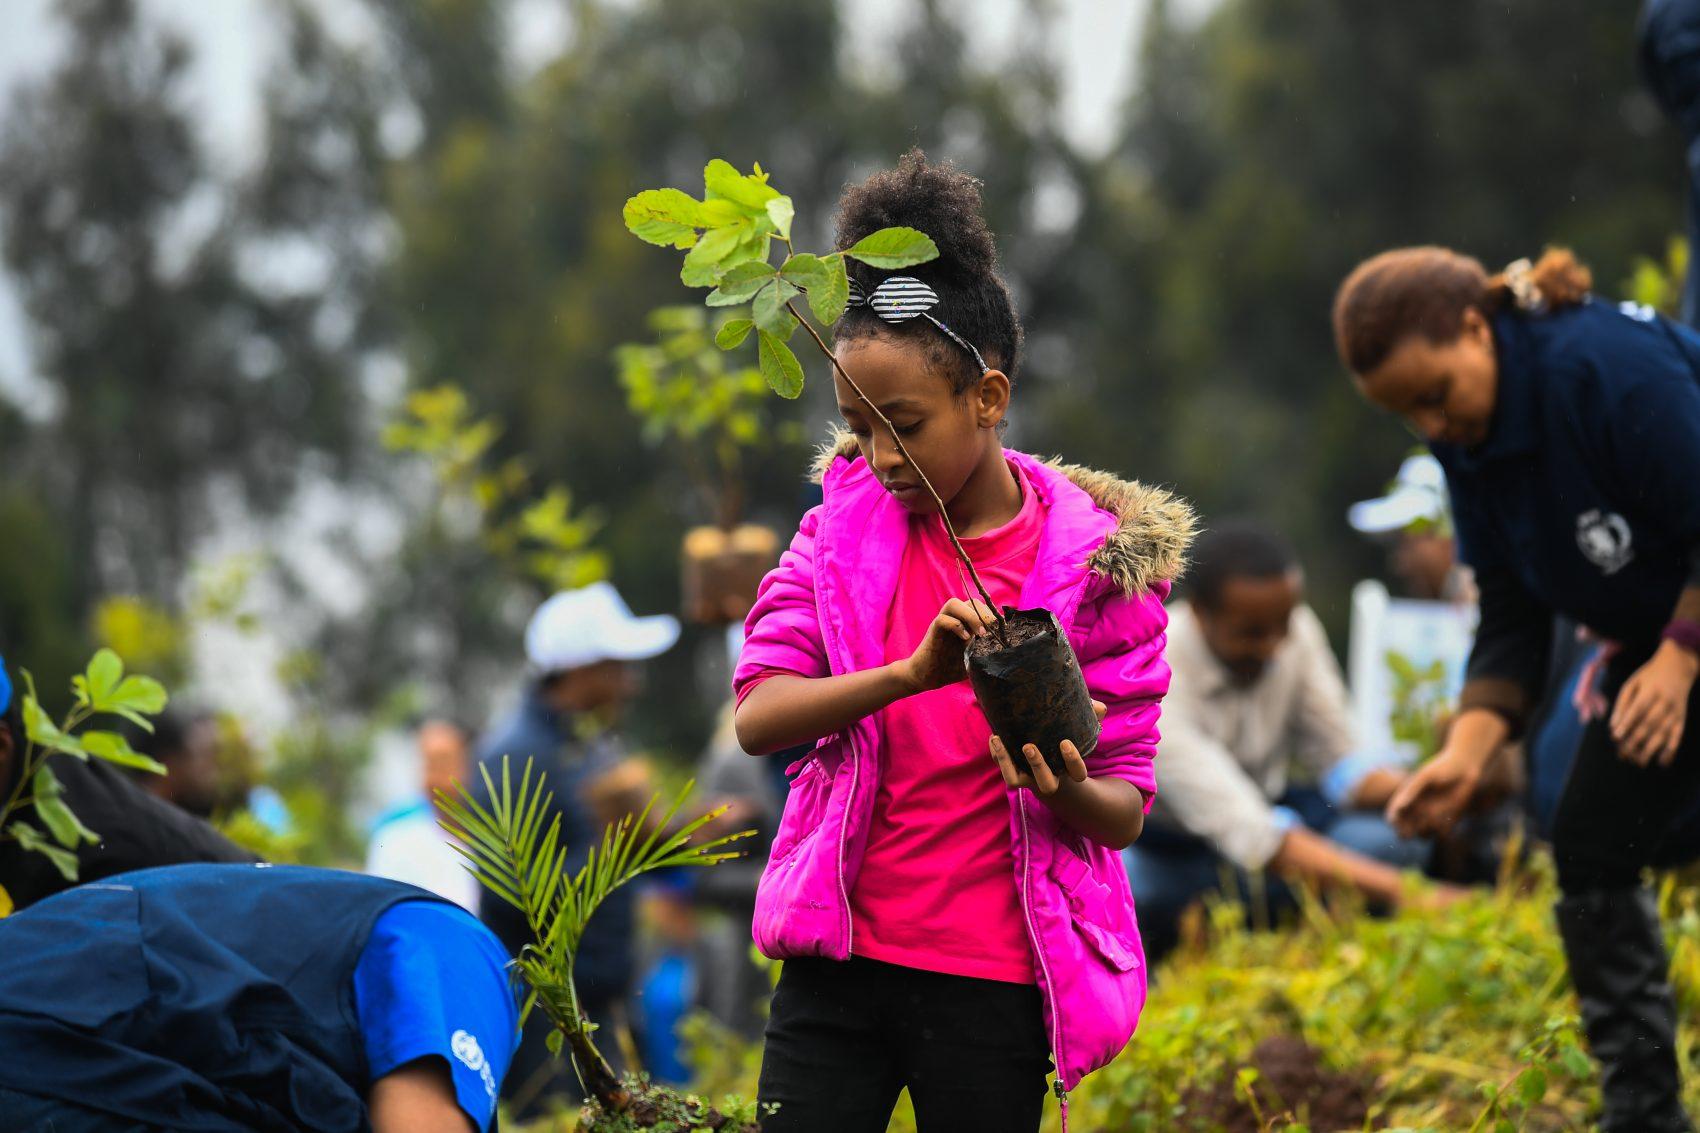 Jovem de Adis Abeba no mutirão que plantou 250 milhões em um dia na Etiópia: plantio de mais um trilhão de árvores no planeta poderiam compensar emissões de gás carbono (Foto: Michael Twelde/AFP)